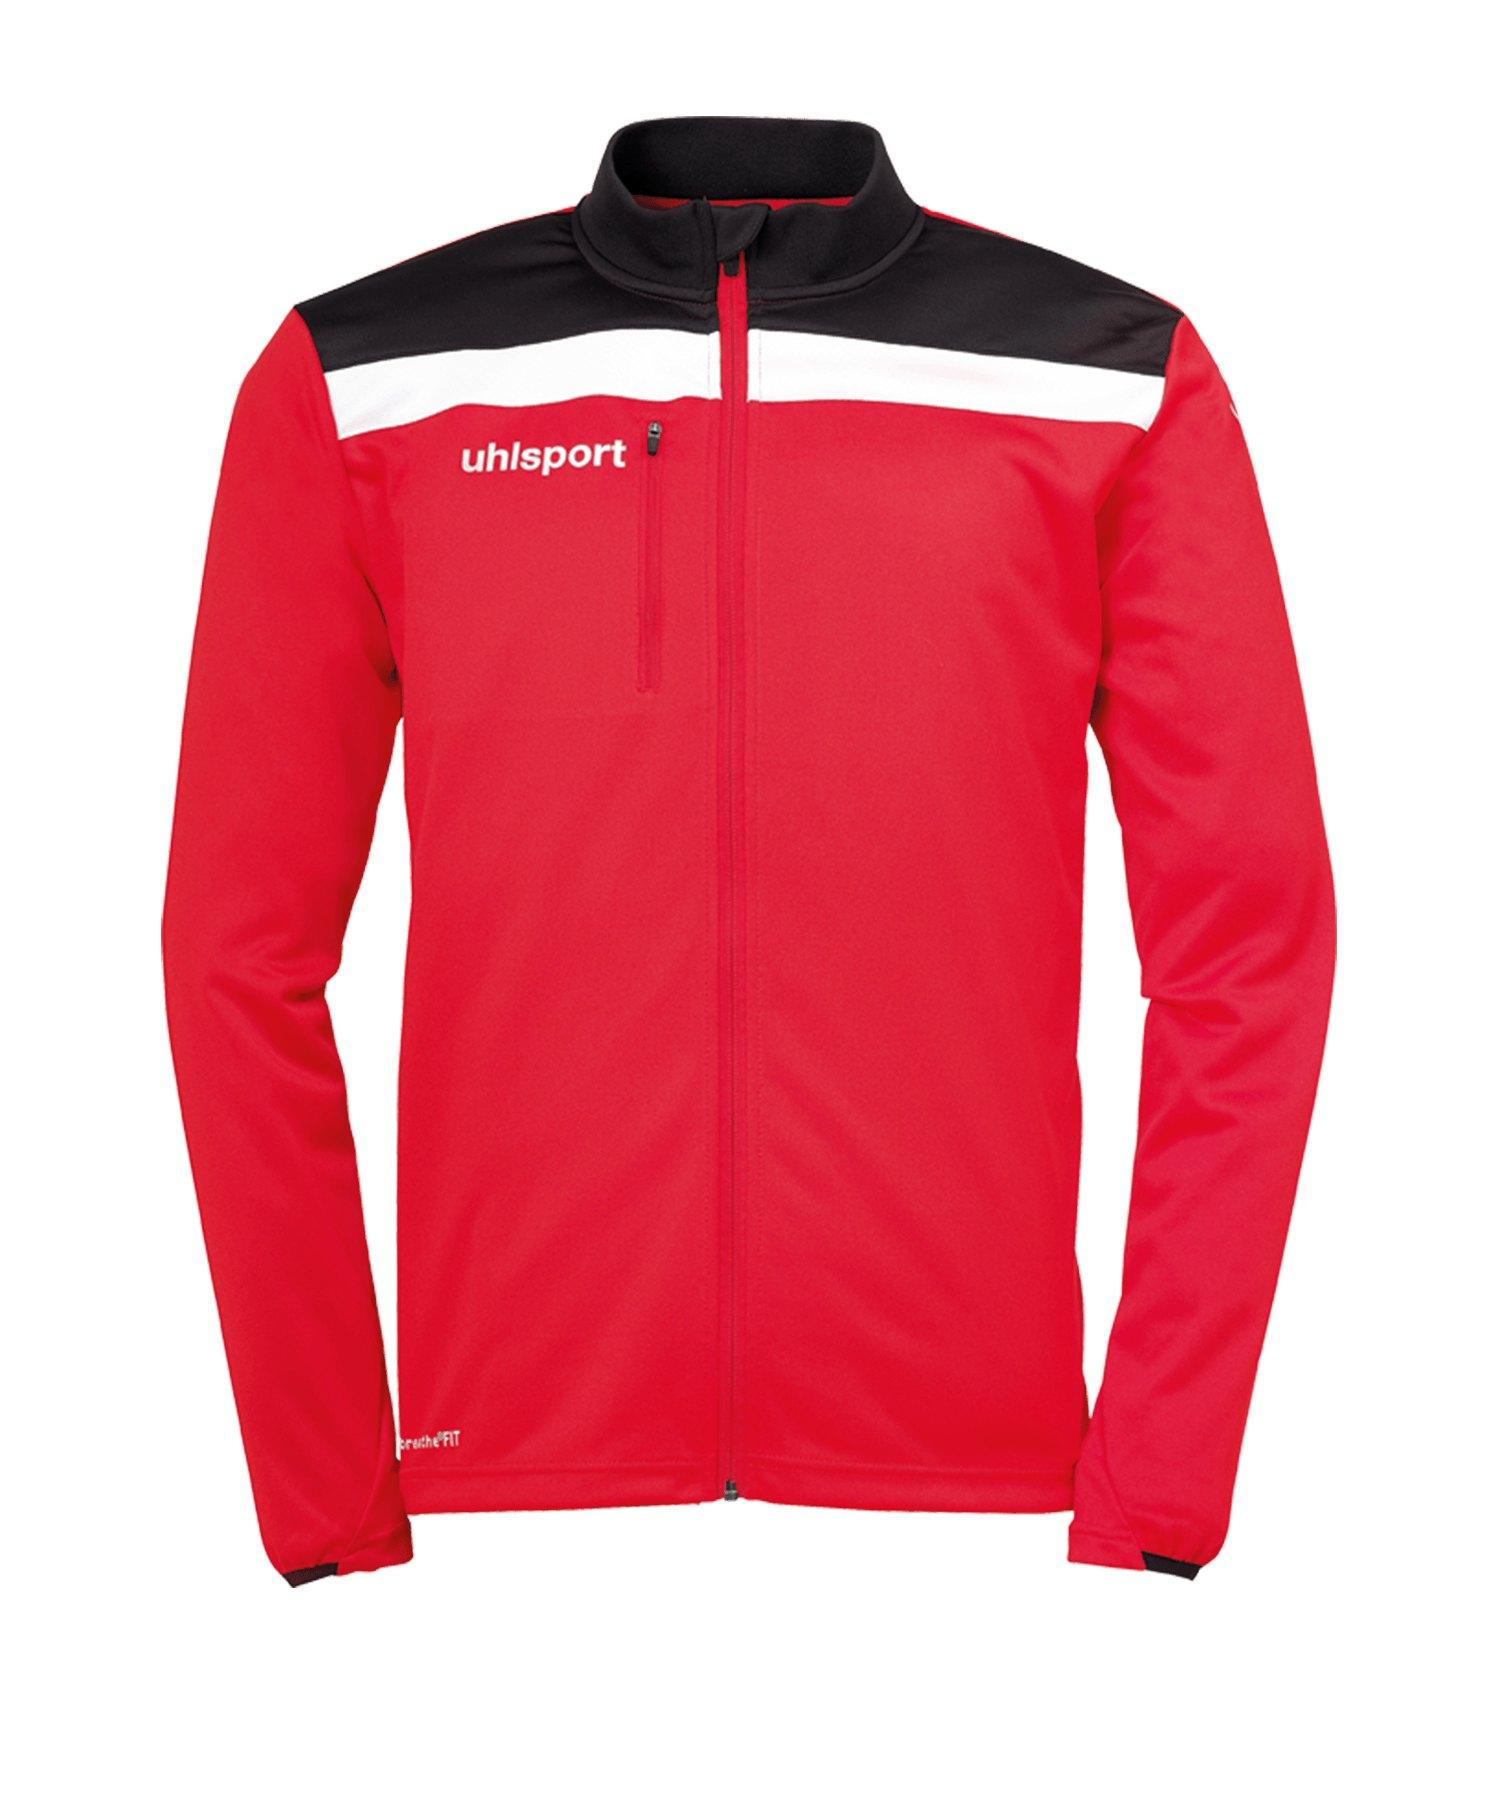 Uhlsport Offense 23 Trainingsjacke Kids Rot F04 - rot